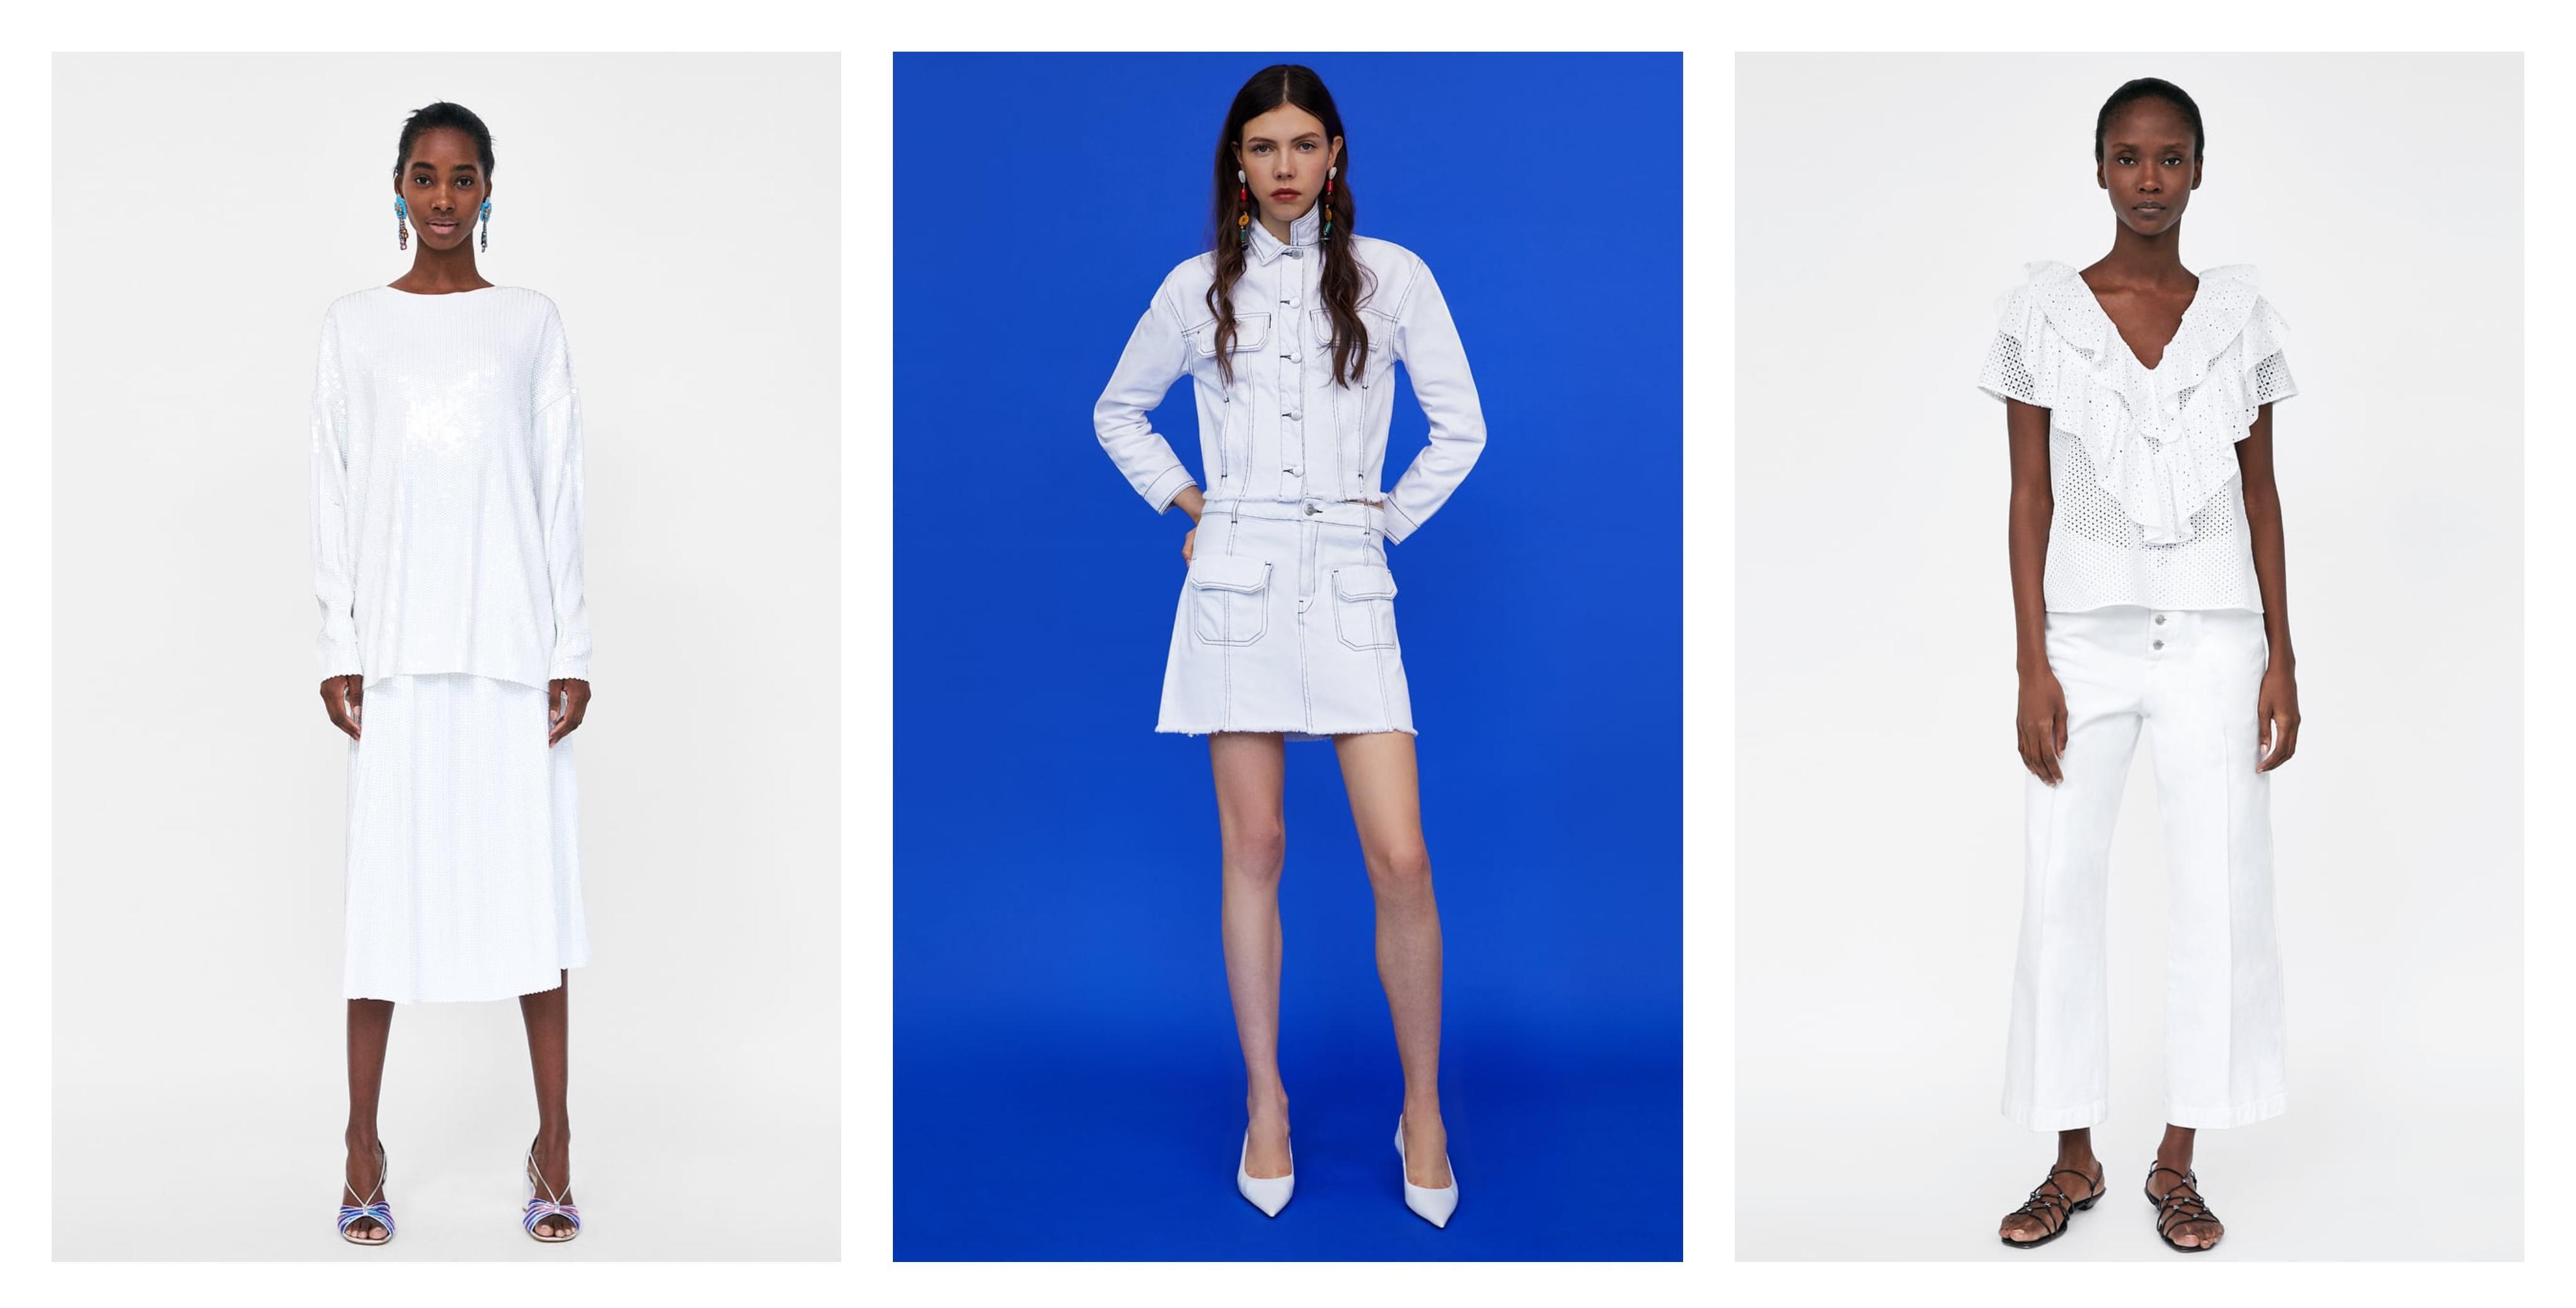 Nosi se bijelo od glave do pete: Inspirirajte se najljepšim kombinacijama koje predlažu iz Zare